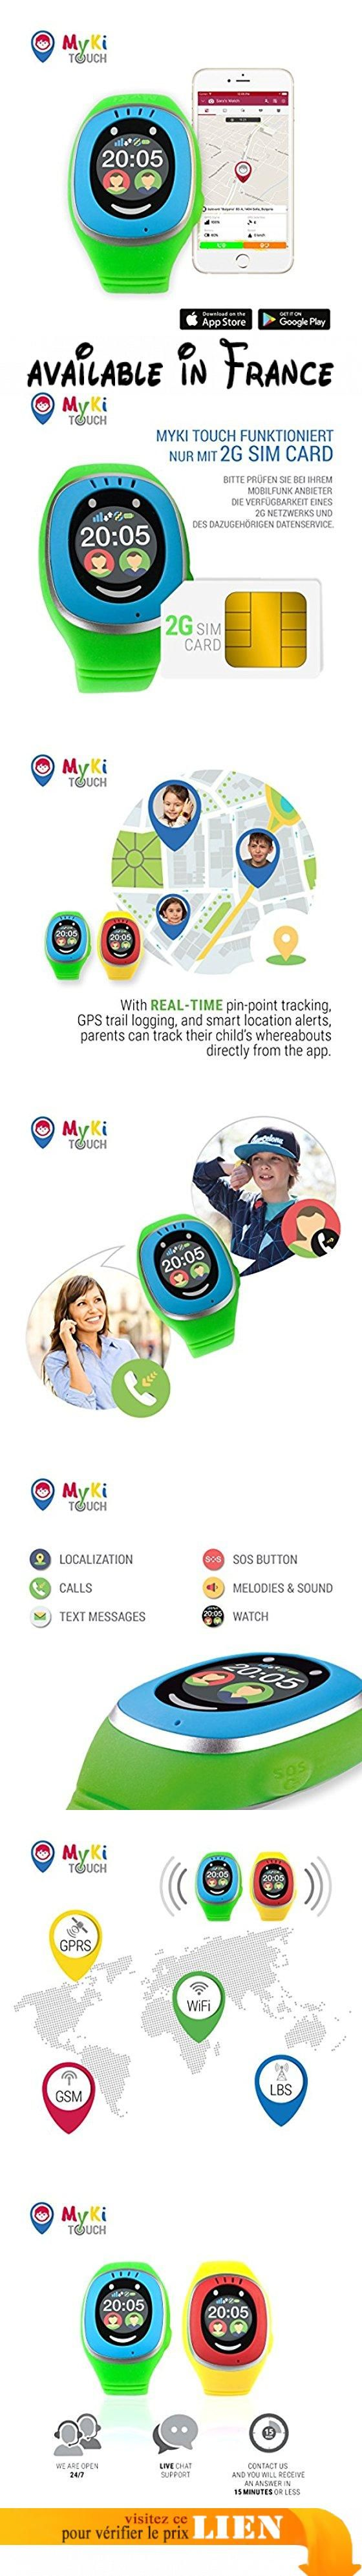 localisation GPS myki Horloge enfants, Smart Watch avec Traceur GPS, Housse, SOS et app suivi en allemand. LOCALISATION : pour une localisation même plus précise de Votre enfant, MyKi Touch fournira une fonction de localisation améliorée. Jouissez l'amélioré module GPS à 24 canaux, offrant une précision inégalée chez la localisation de Votre enfant.. ÉCRAN TACTILE - chaque menu de MyKi Touch peut être ouvert par une touche sur l'écran. Le nouvel écran couleur